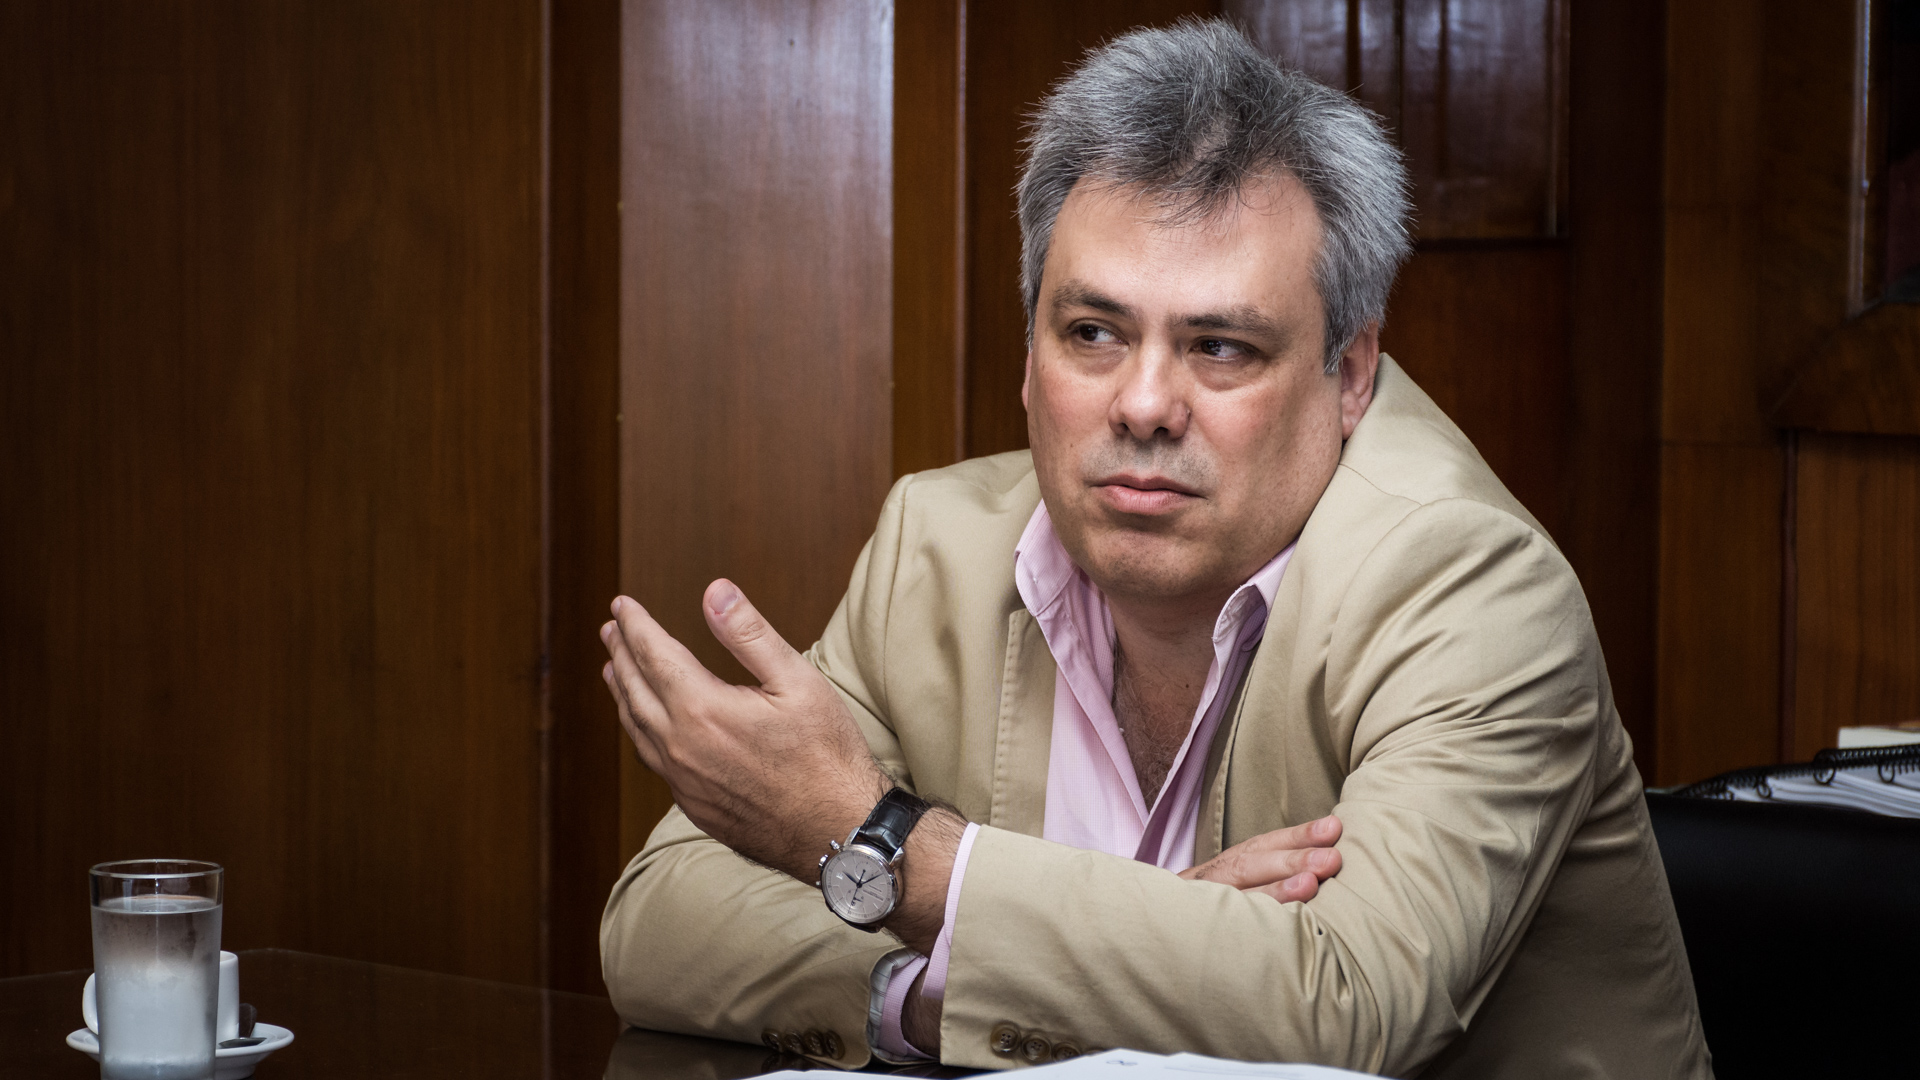 El viceministro de Hacienda de la Nación, Sebastián Galiani (Foto: Martín Rosenzveig)